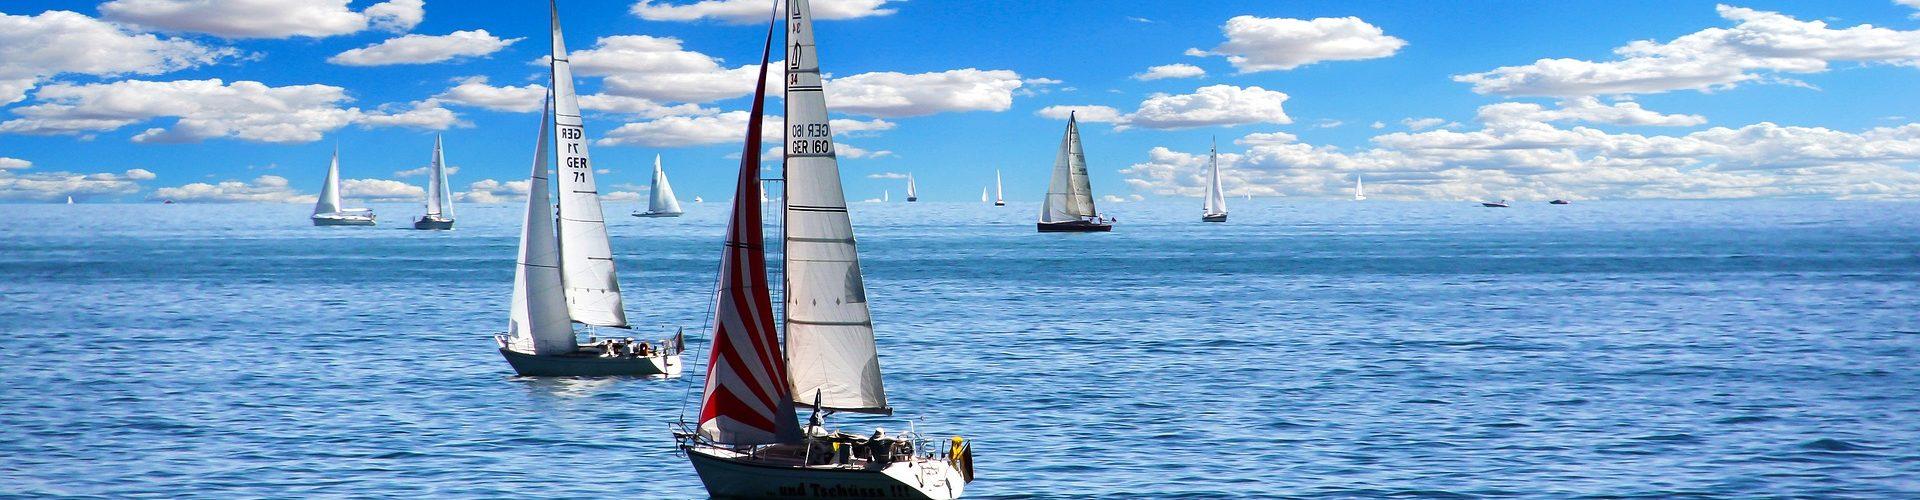 segeln lernen in Achim segelschein machen in Achim 1920x500 - Segeln lernen in Achim